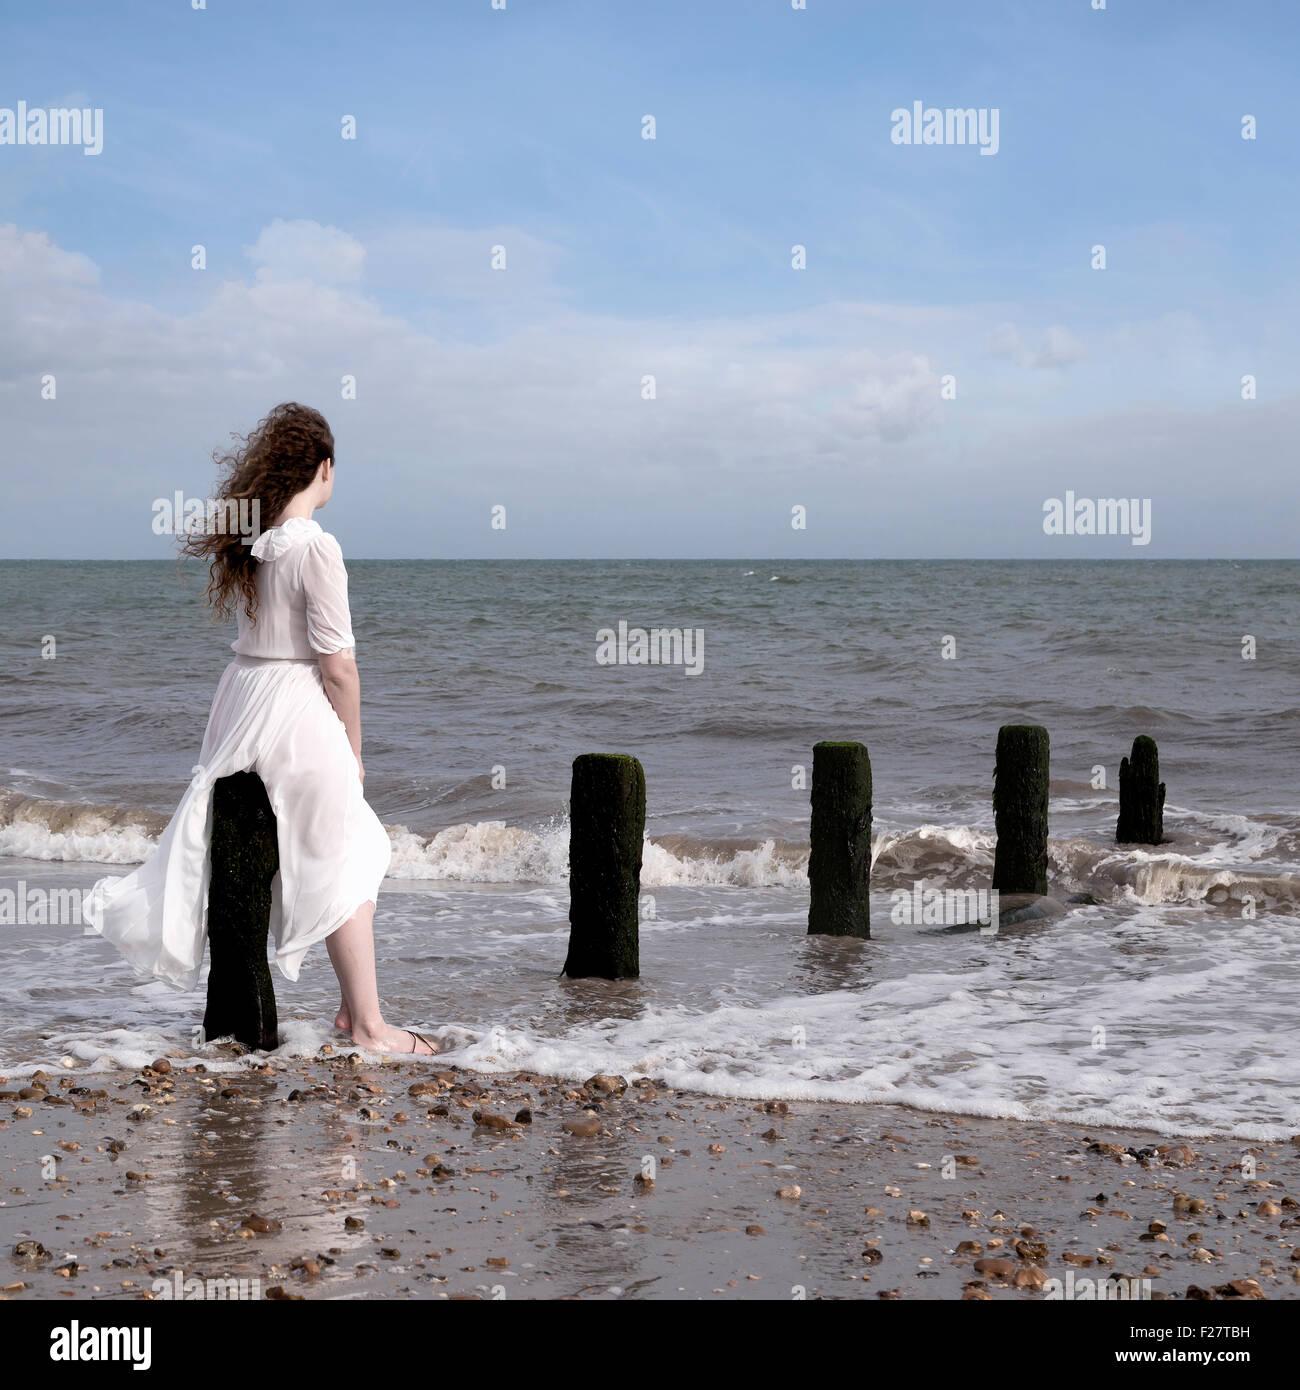 eine Frau in einem weißen Kleid sitzt auf einem Holzstab im Meer Stockbild